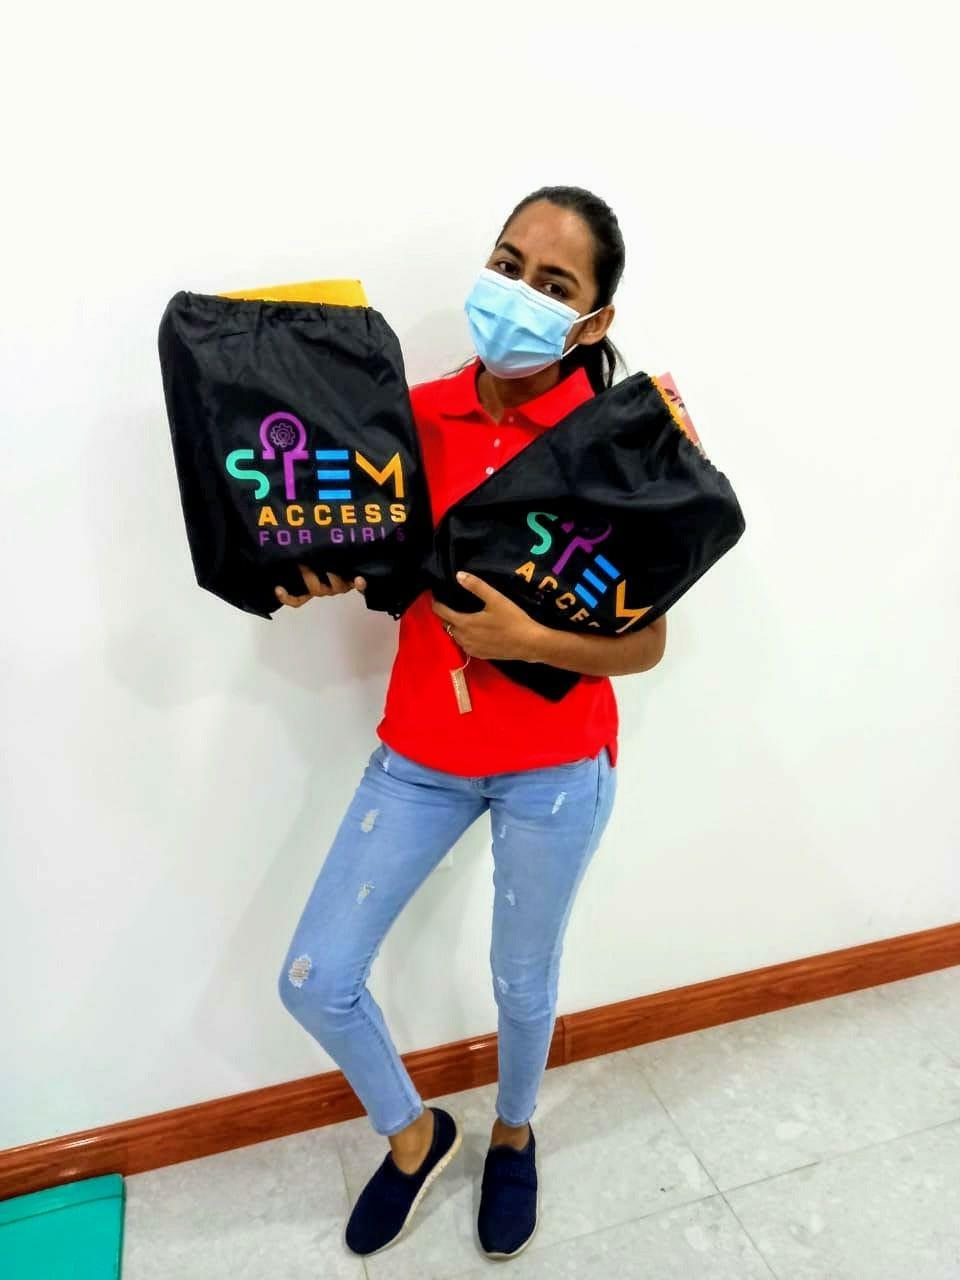 Suriname online STEM camp mentor